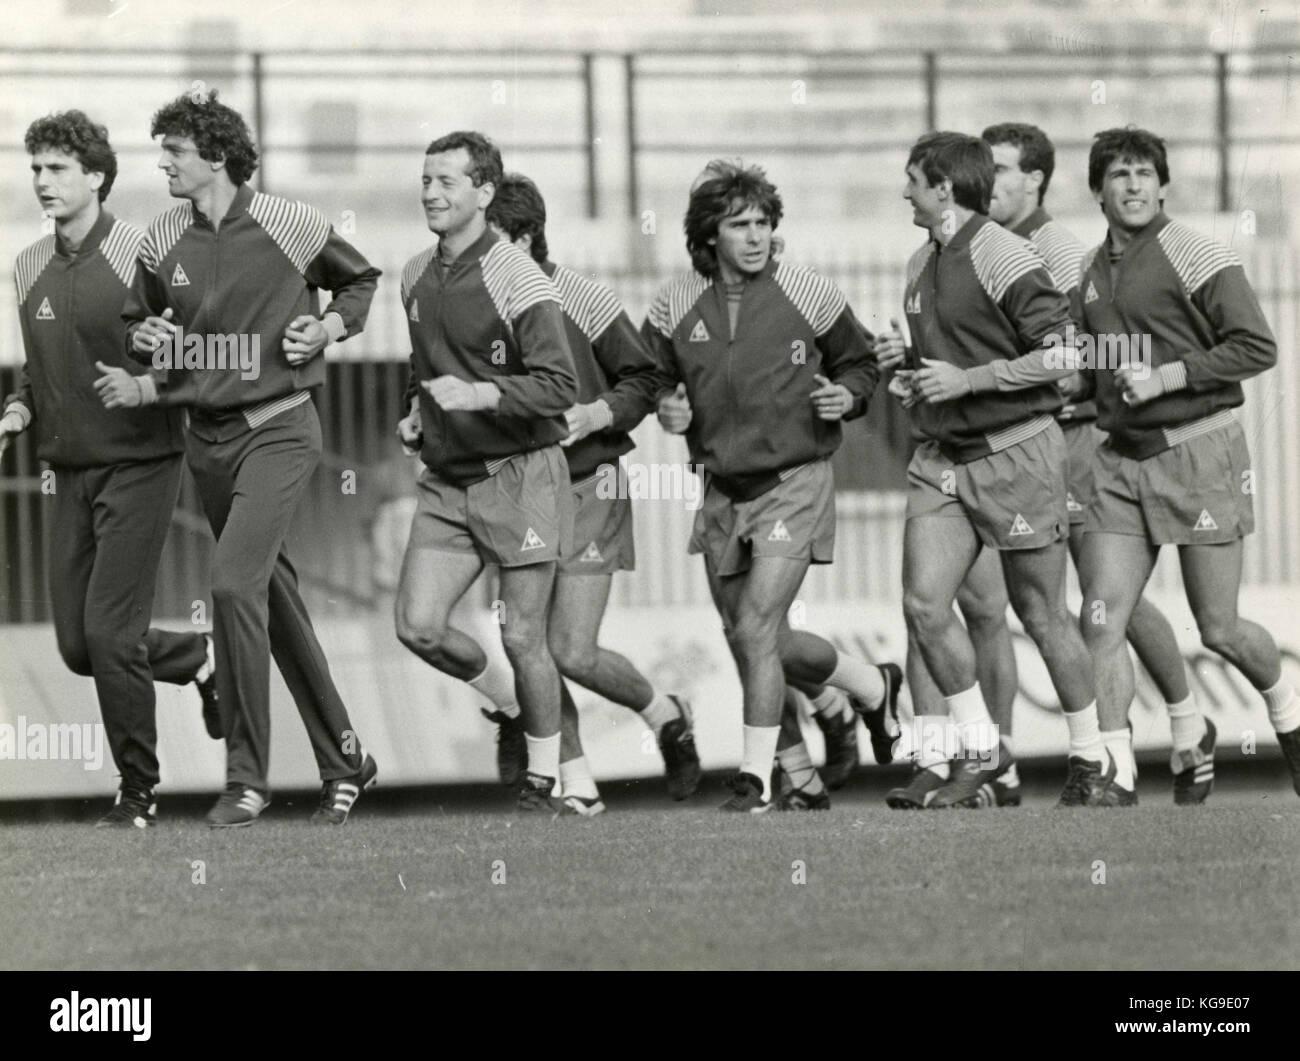 La formation de l'équipe nationale de football italienne 1985 Photo Stock